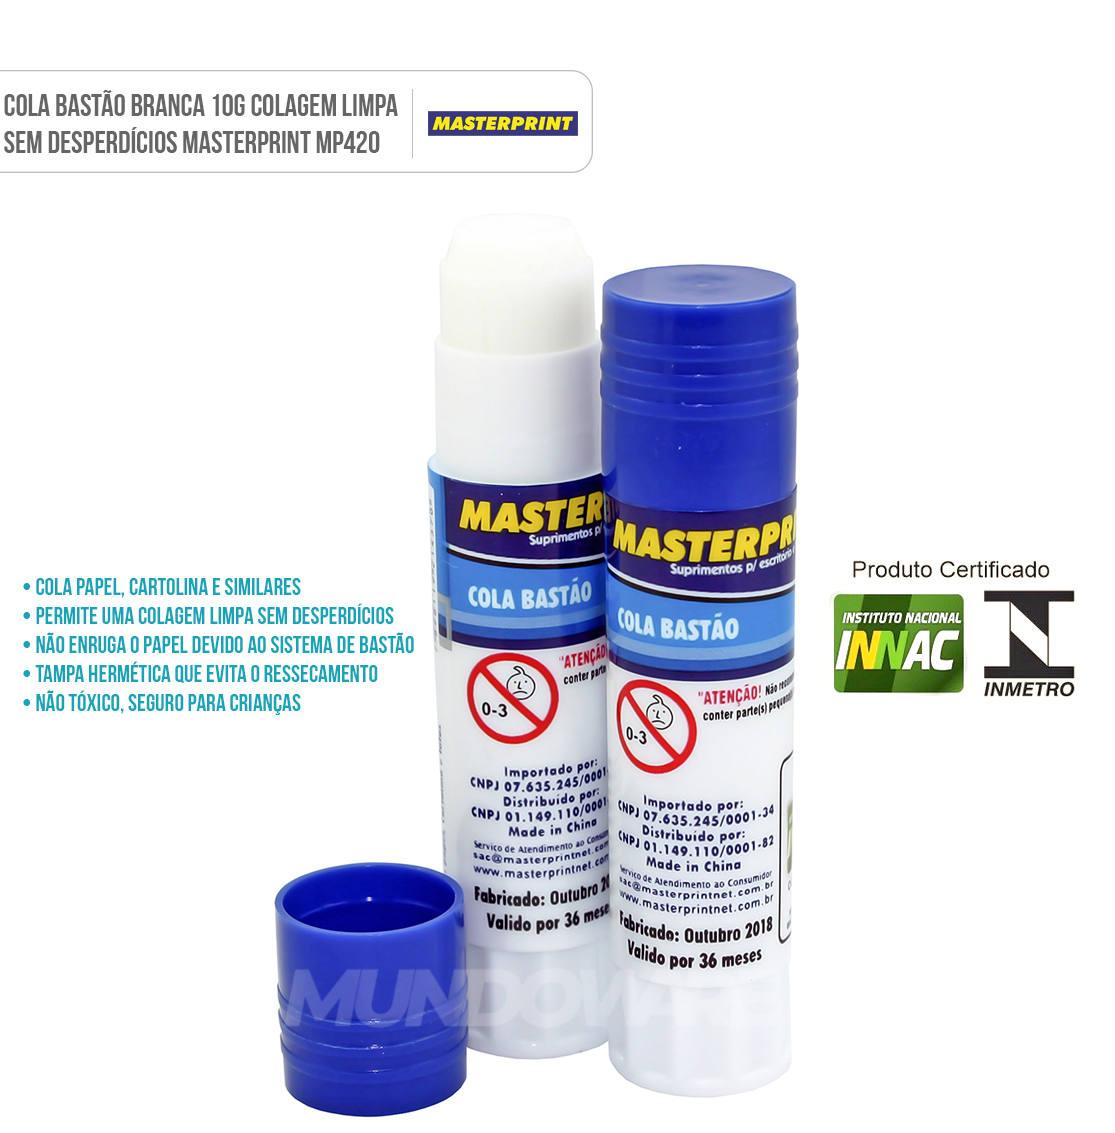 Cola Bastão Branca 10g Colagem Limpa sem Desperdícios Masterprint MP420